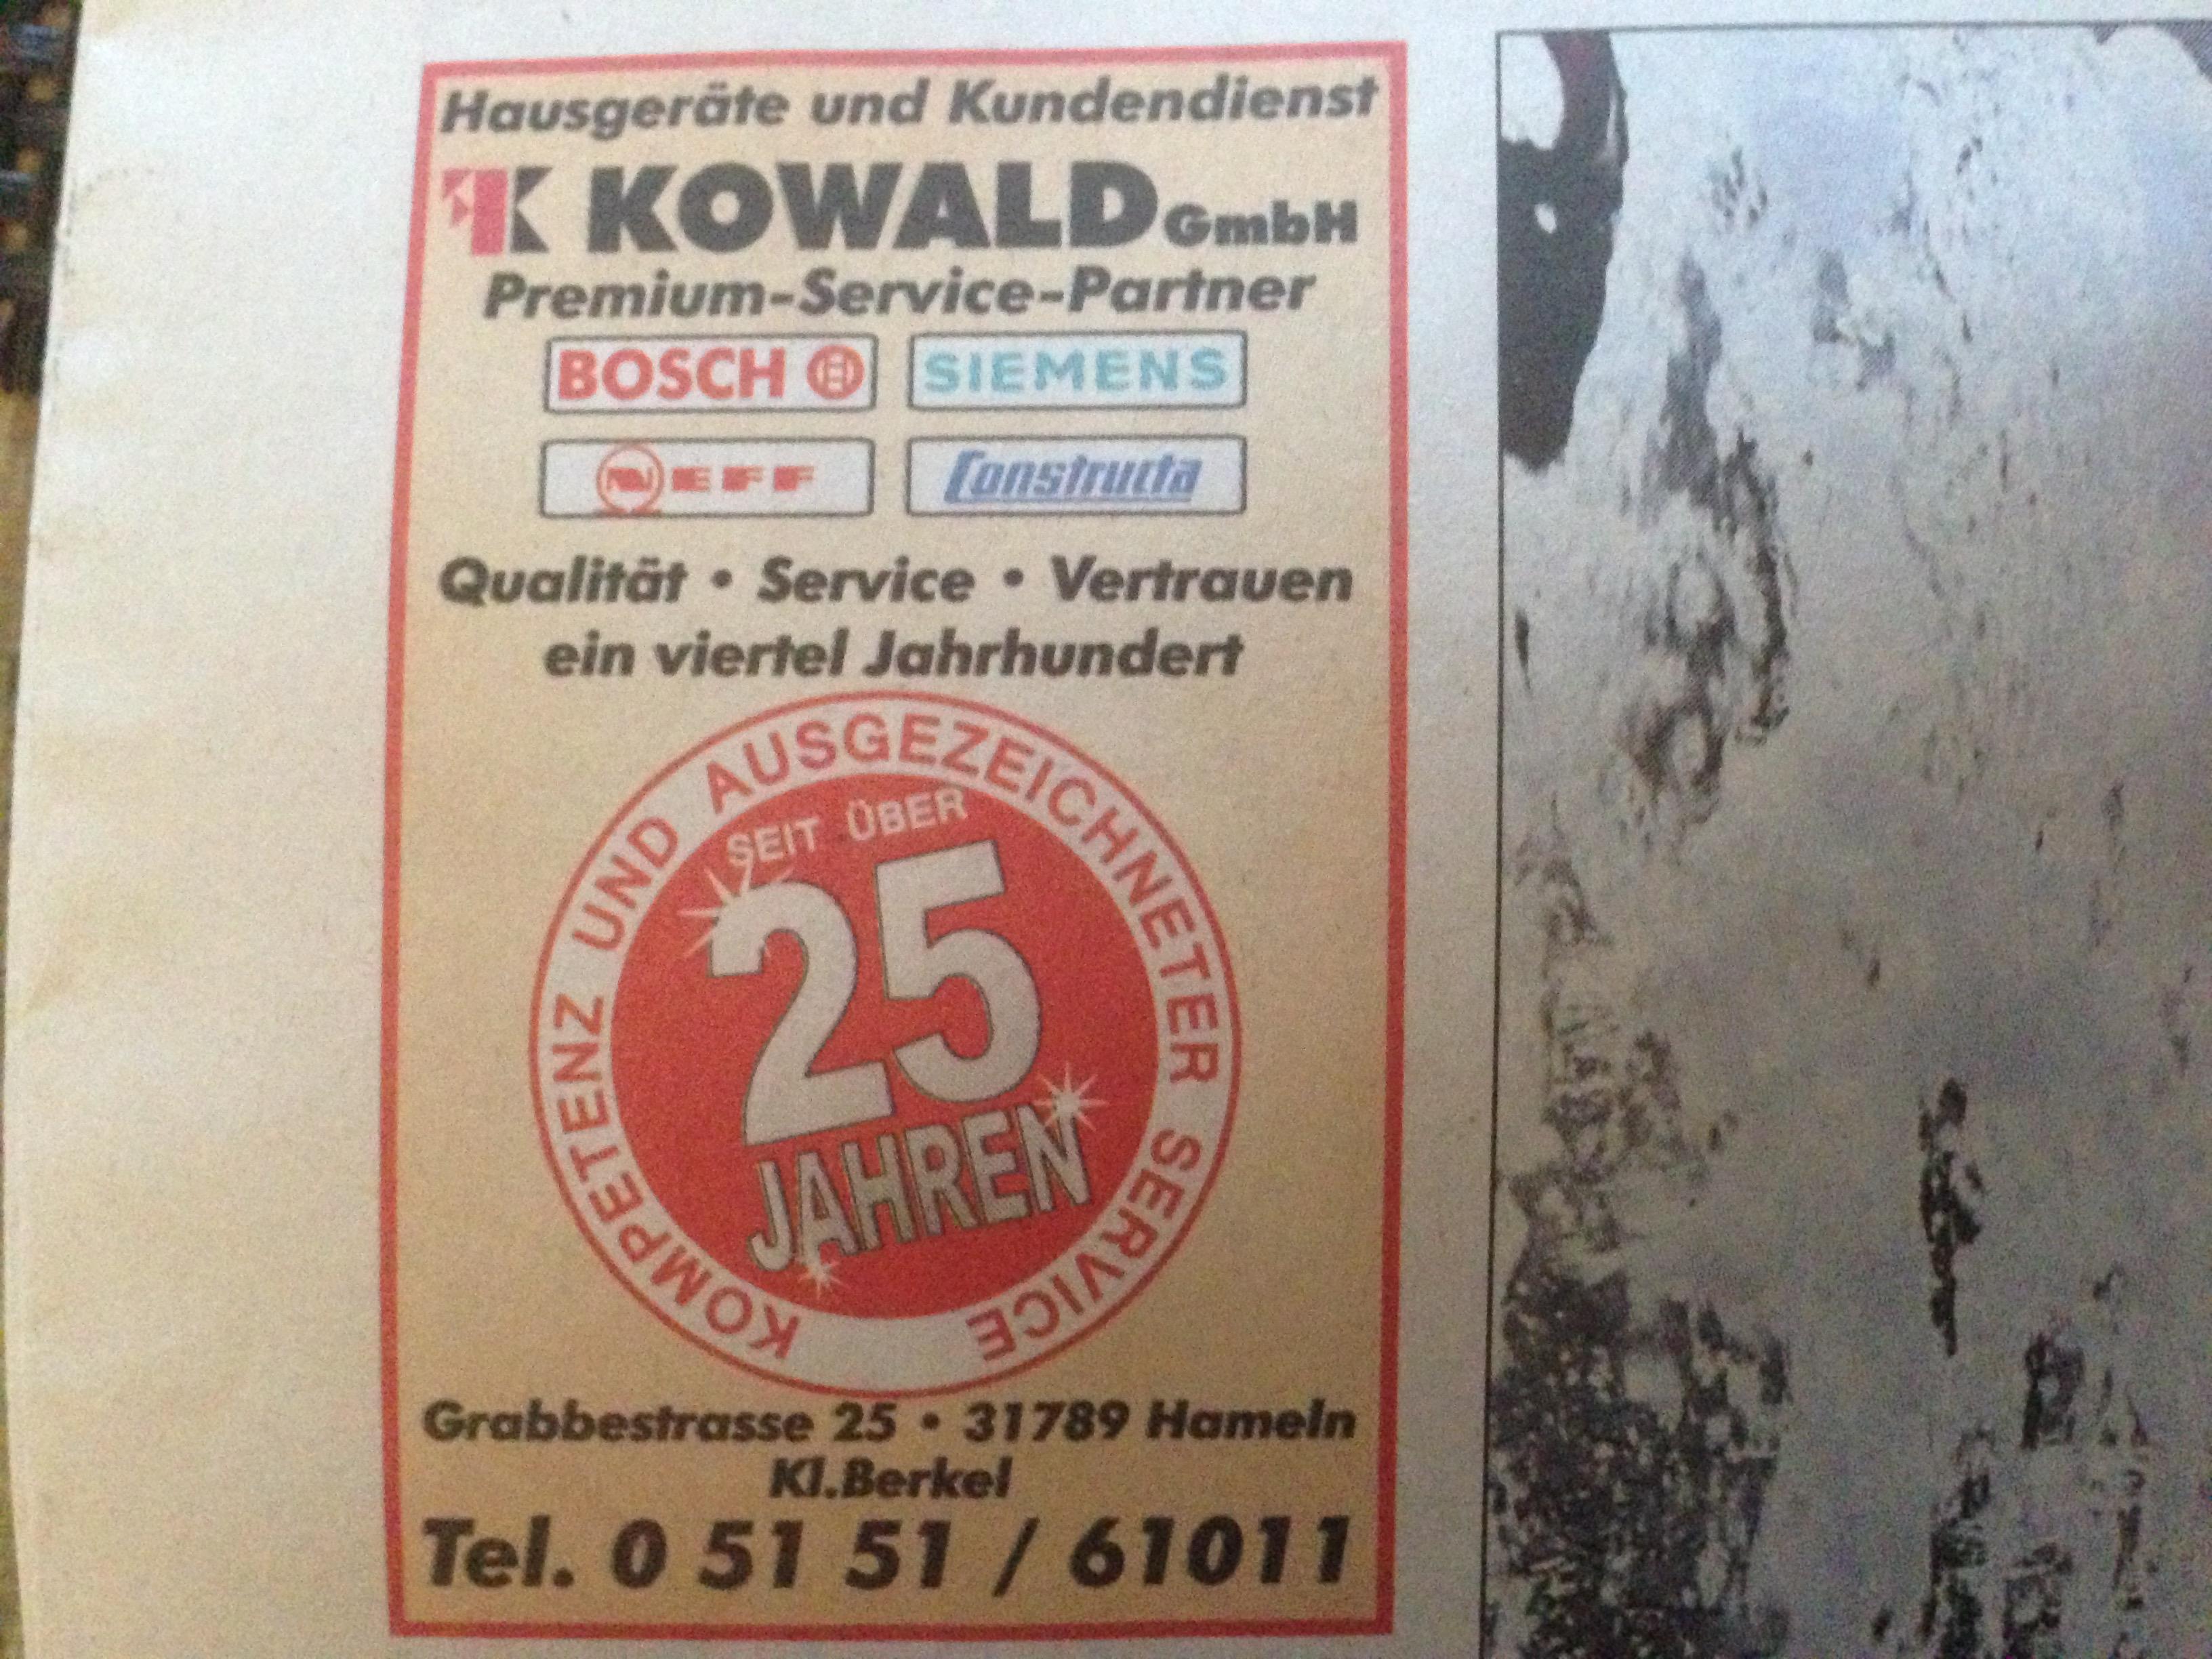 Kowald Hausgerate Kundendienst Gmbh 31789 Hameln Klein Berkel